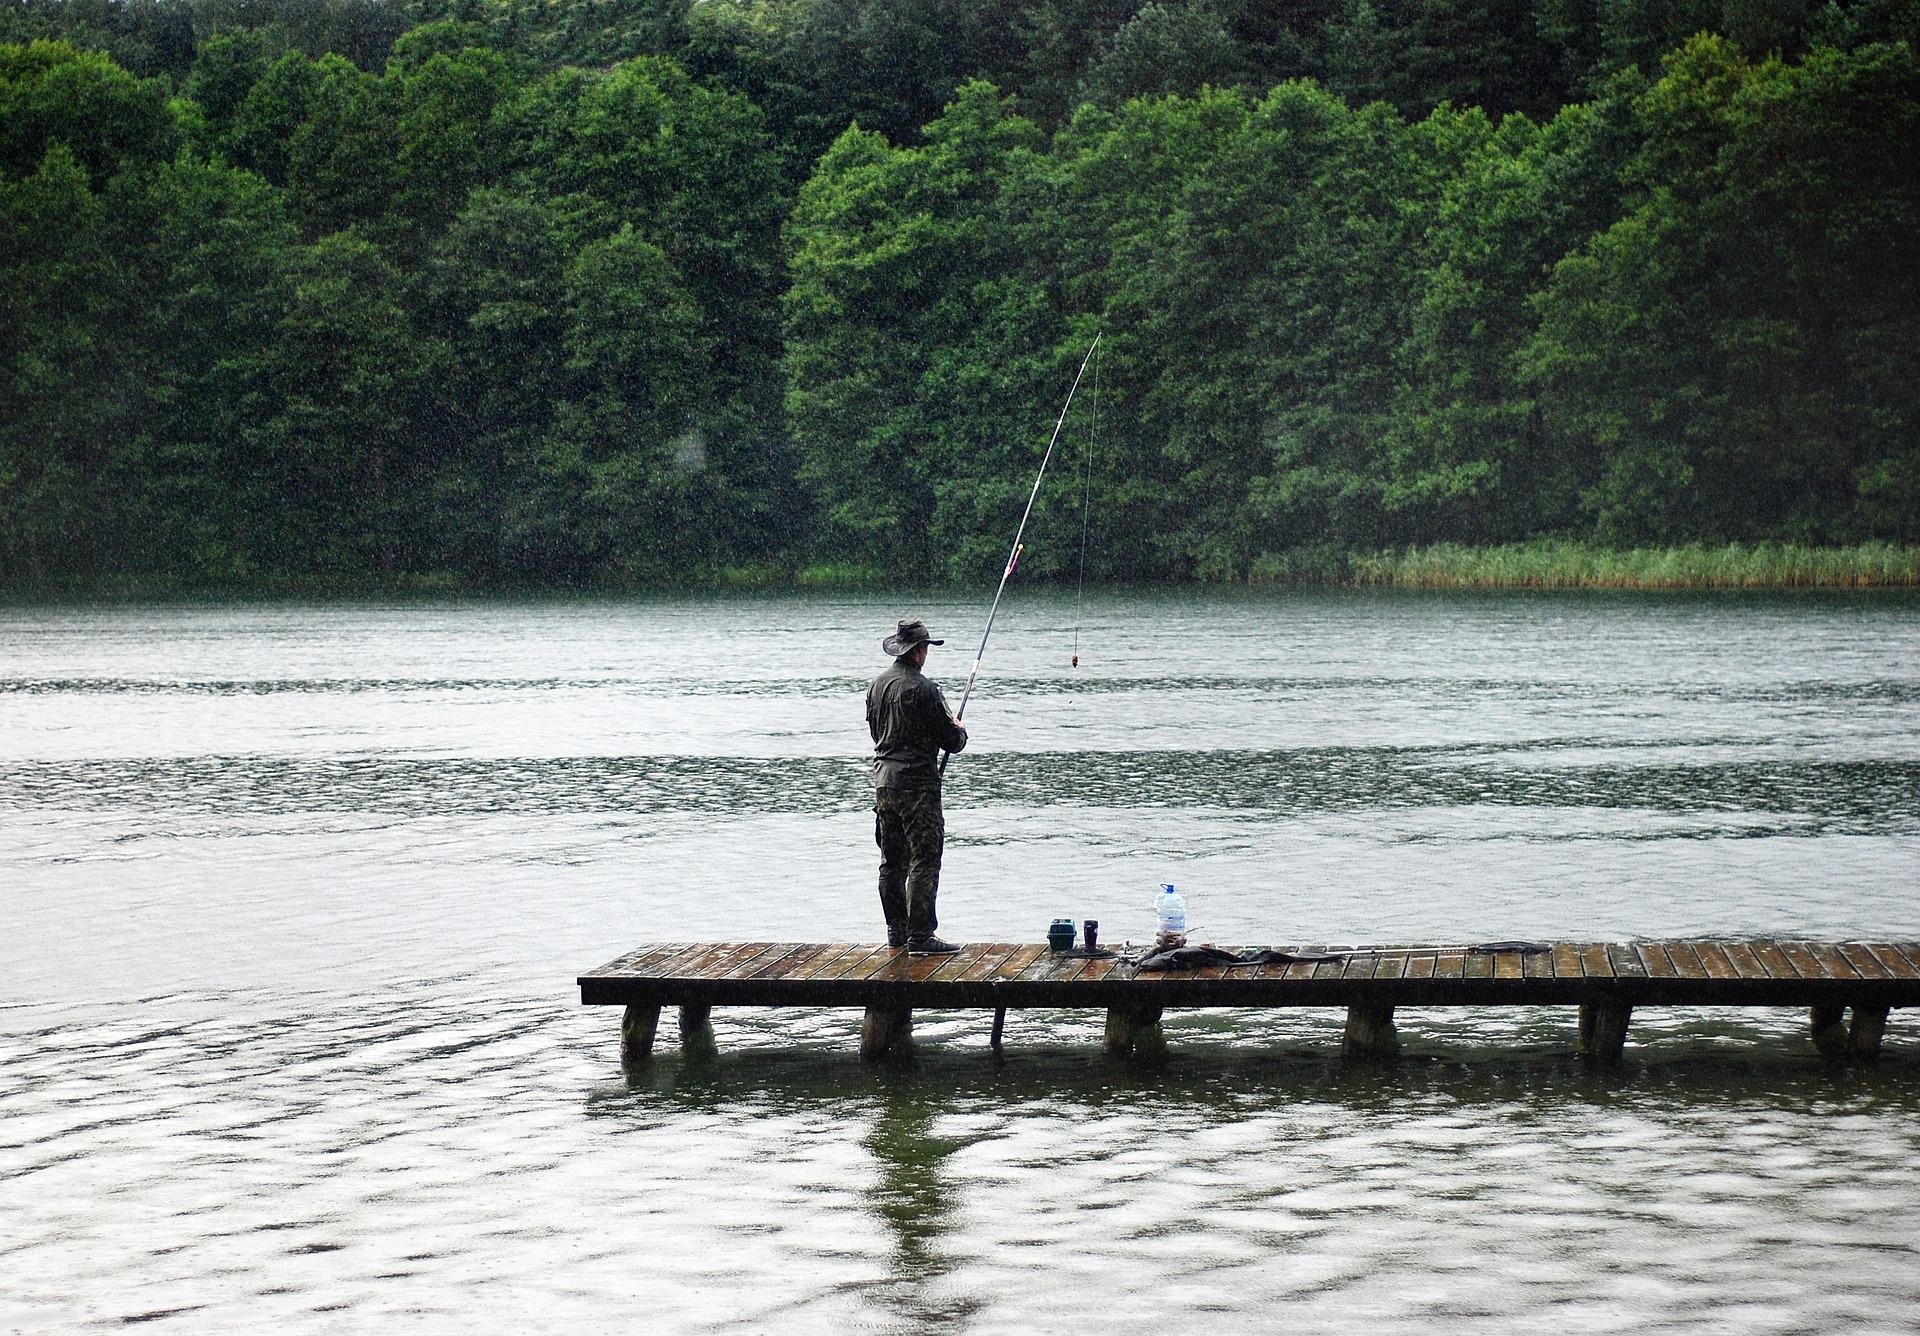 Angler on dock